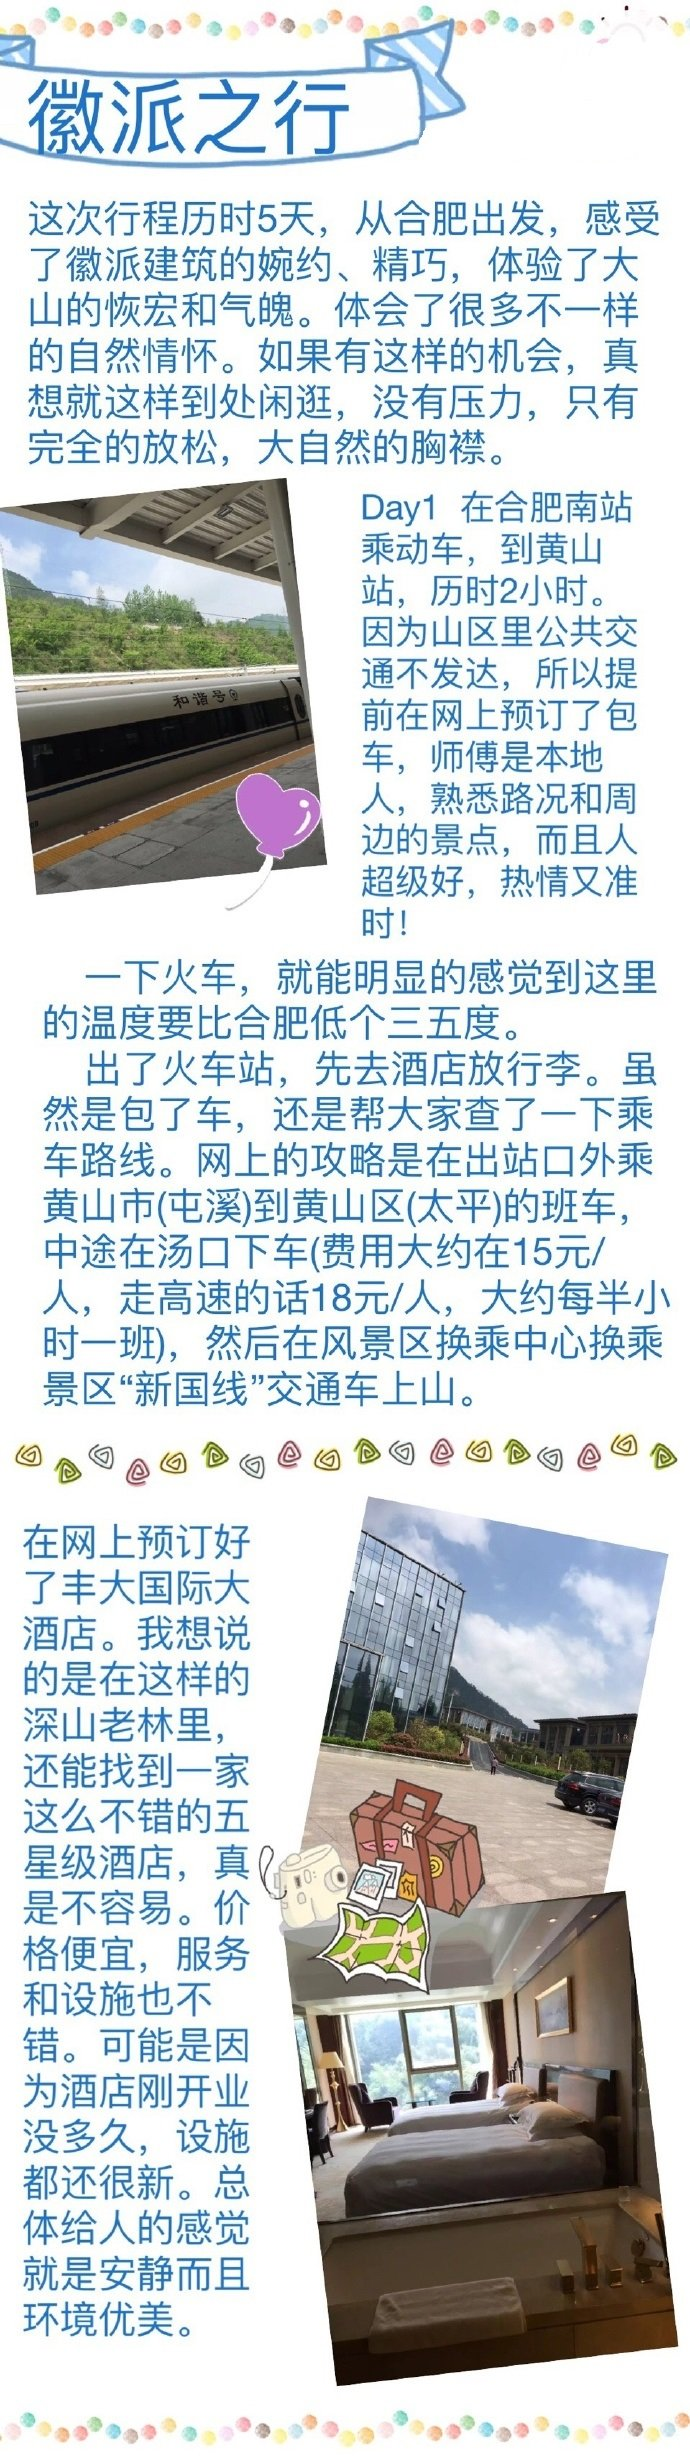 黄山老街翡翠谷西递宏村,安徽五日自由行攻略